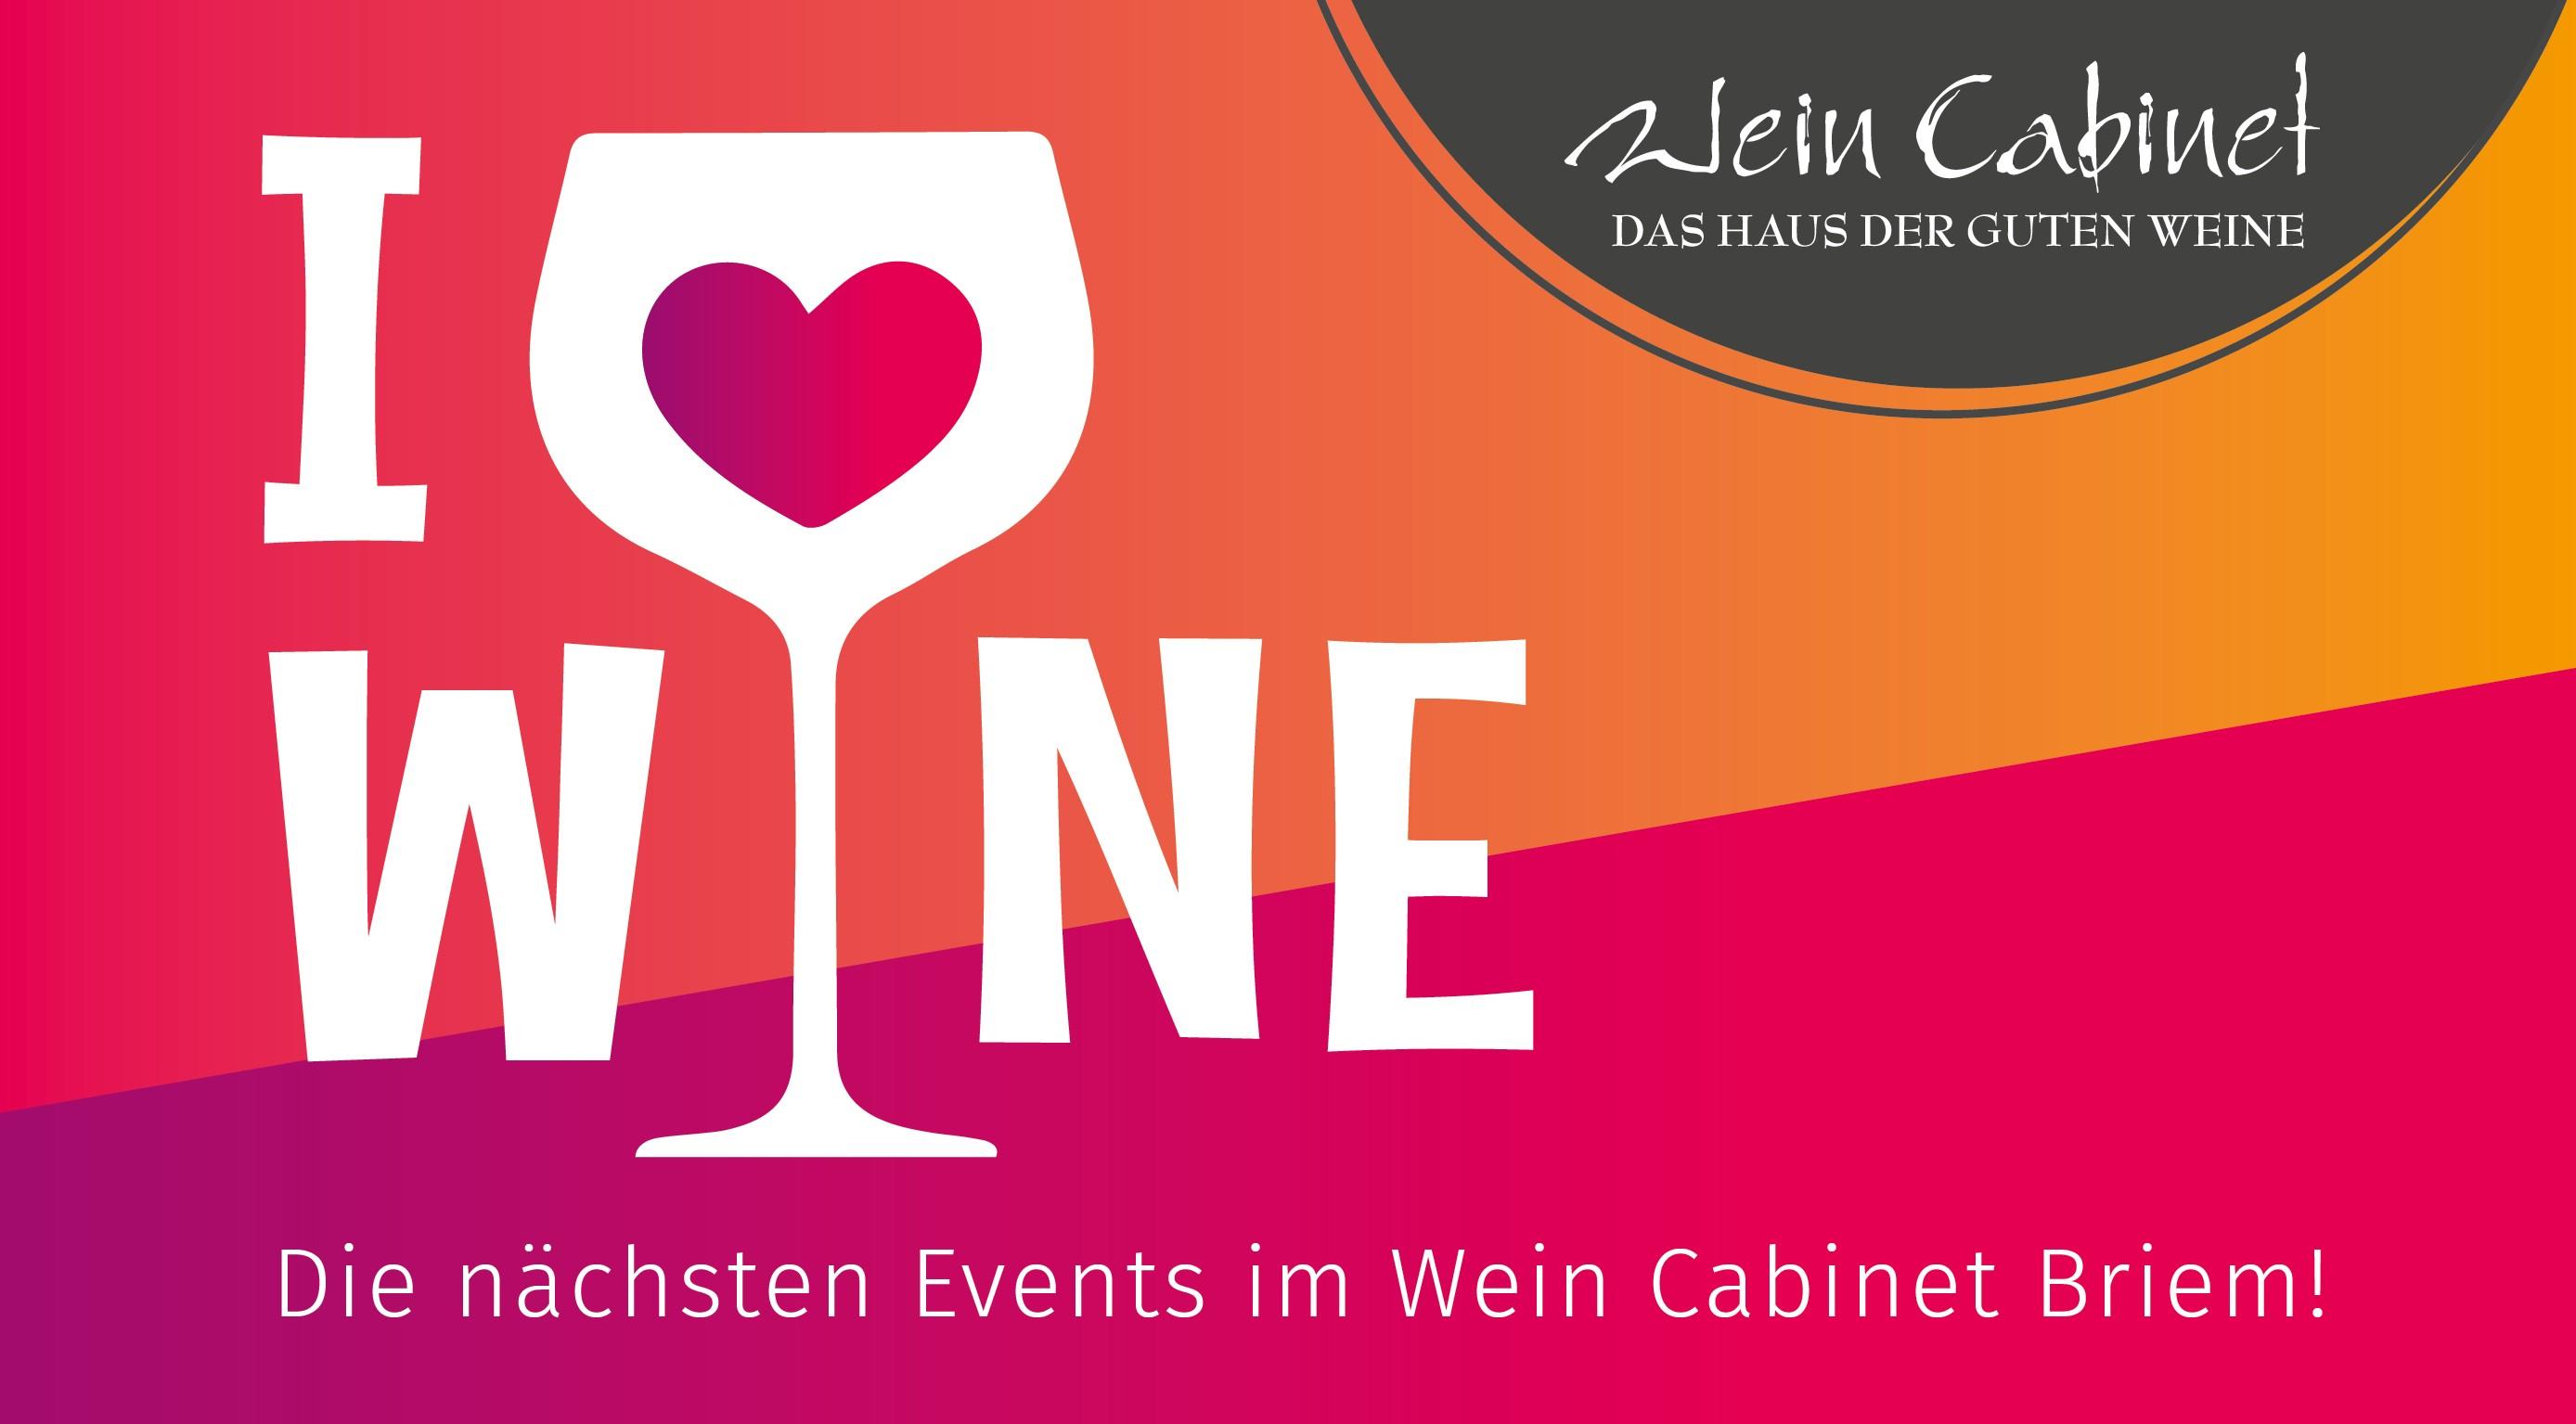 Weinverliebt, Wein-Events, Weinliebe, Weinfest, Wein Cabinet Briem, Berkum, Wachtberg,